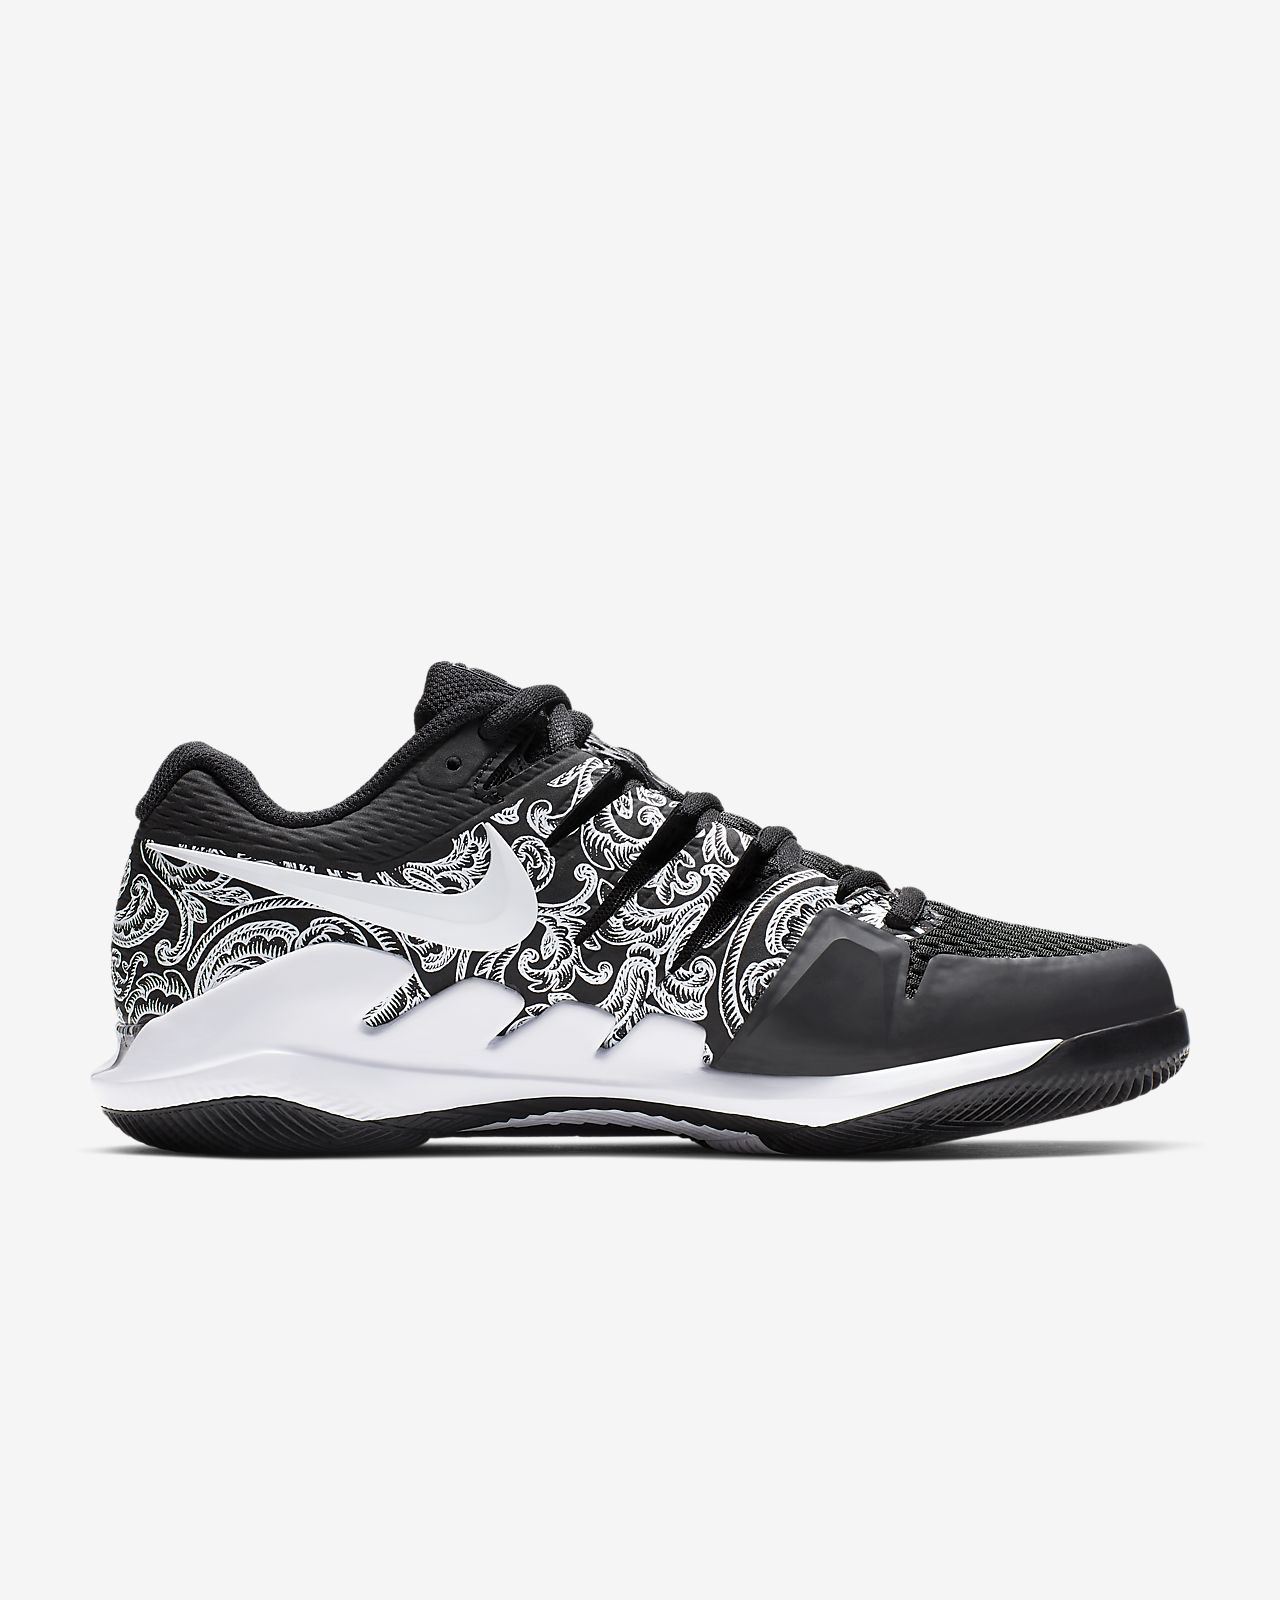 fde221b988225 NikeCourt Air Zoom Vapor X Women s Hard Court Tennis Shoe. Nike.com